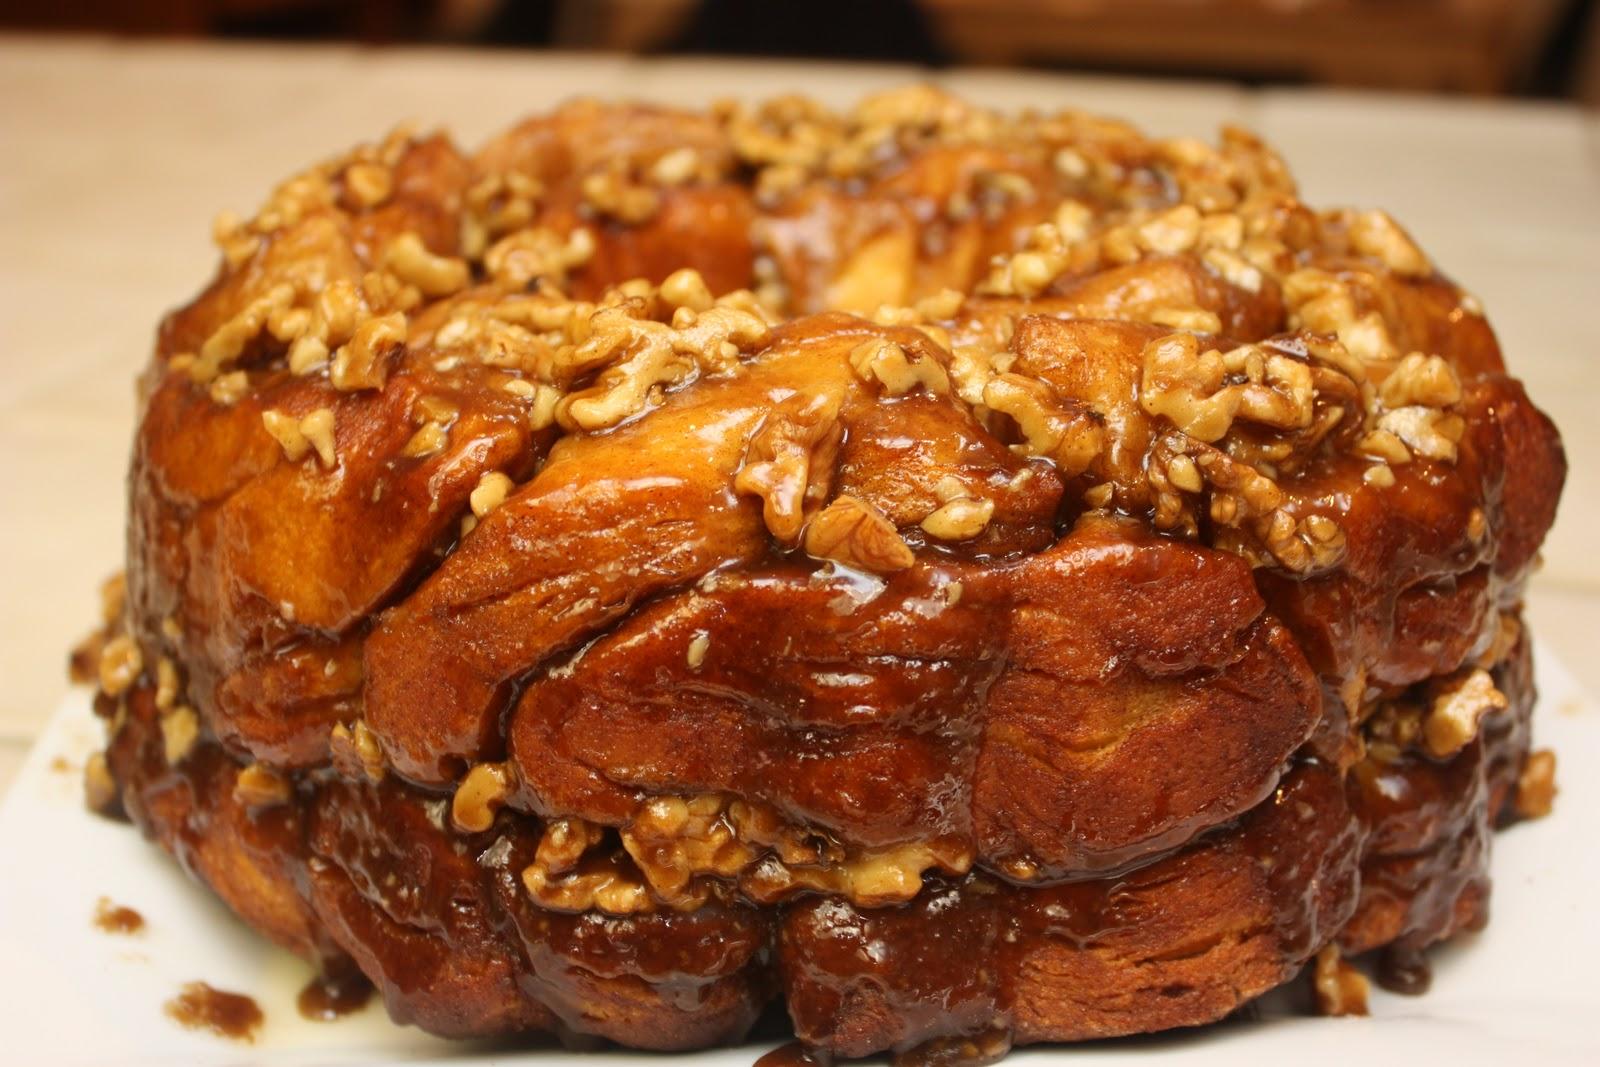 ... full recipe at http://www.easydessert.org/praline-pull-apart-bread